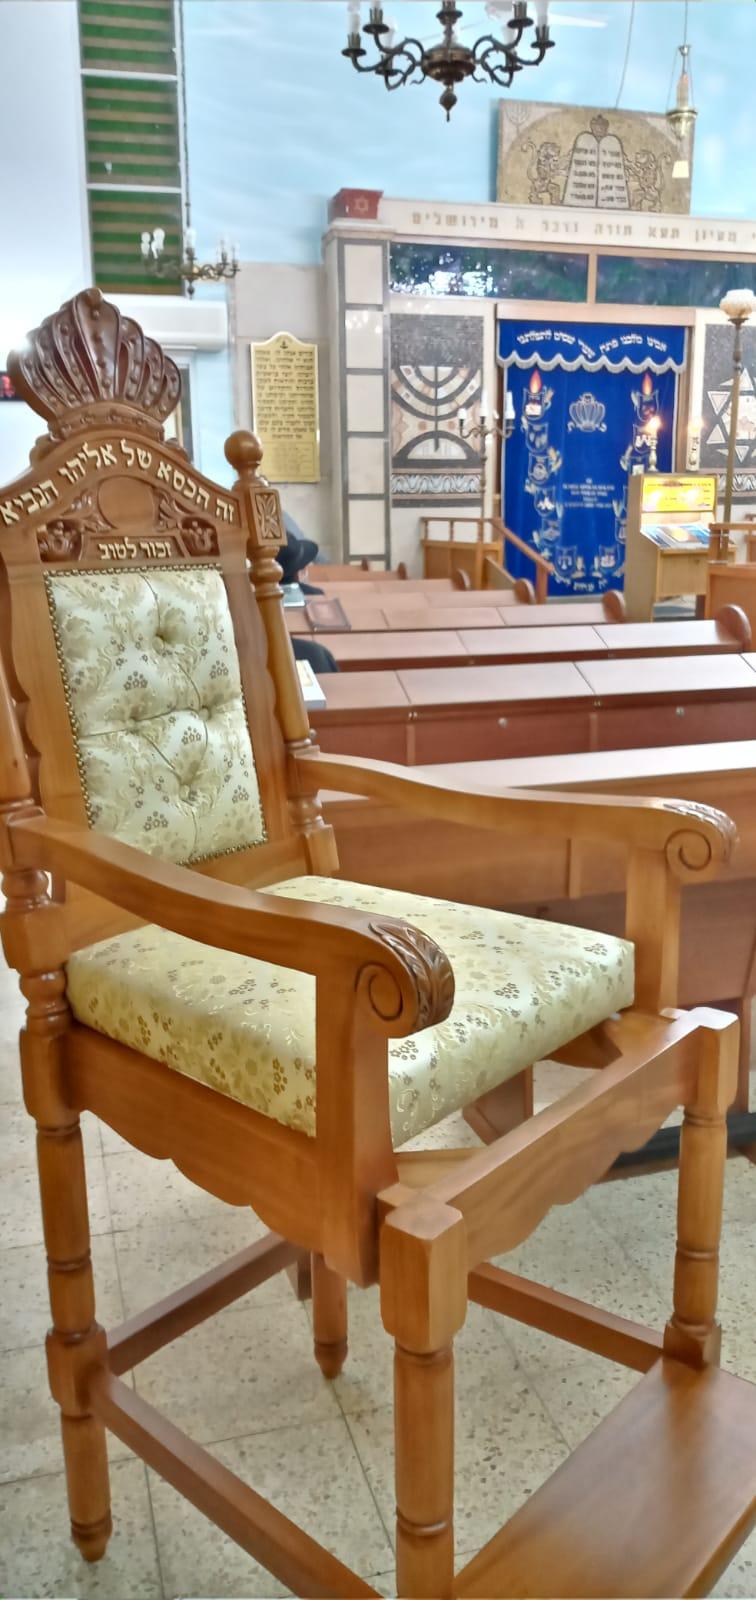 כיסא לאיהו ייחודי עץ מלא נגרות עבודת יד